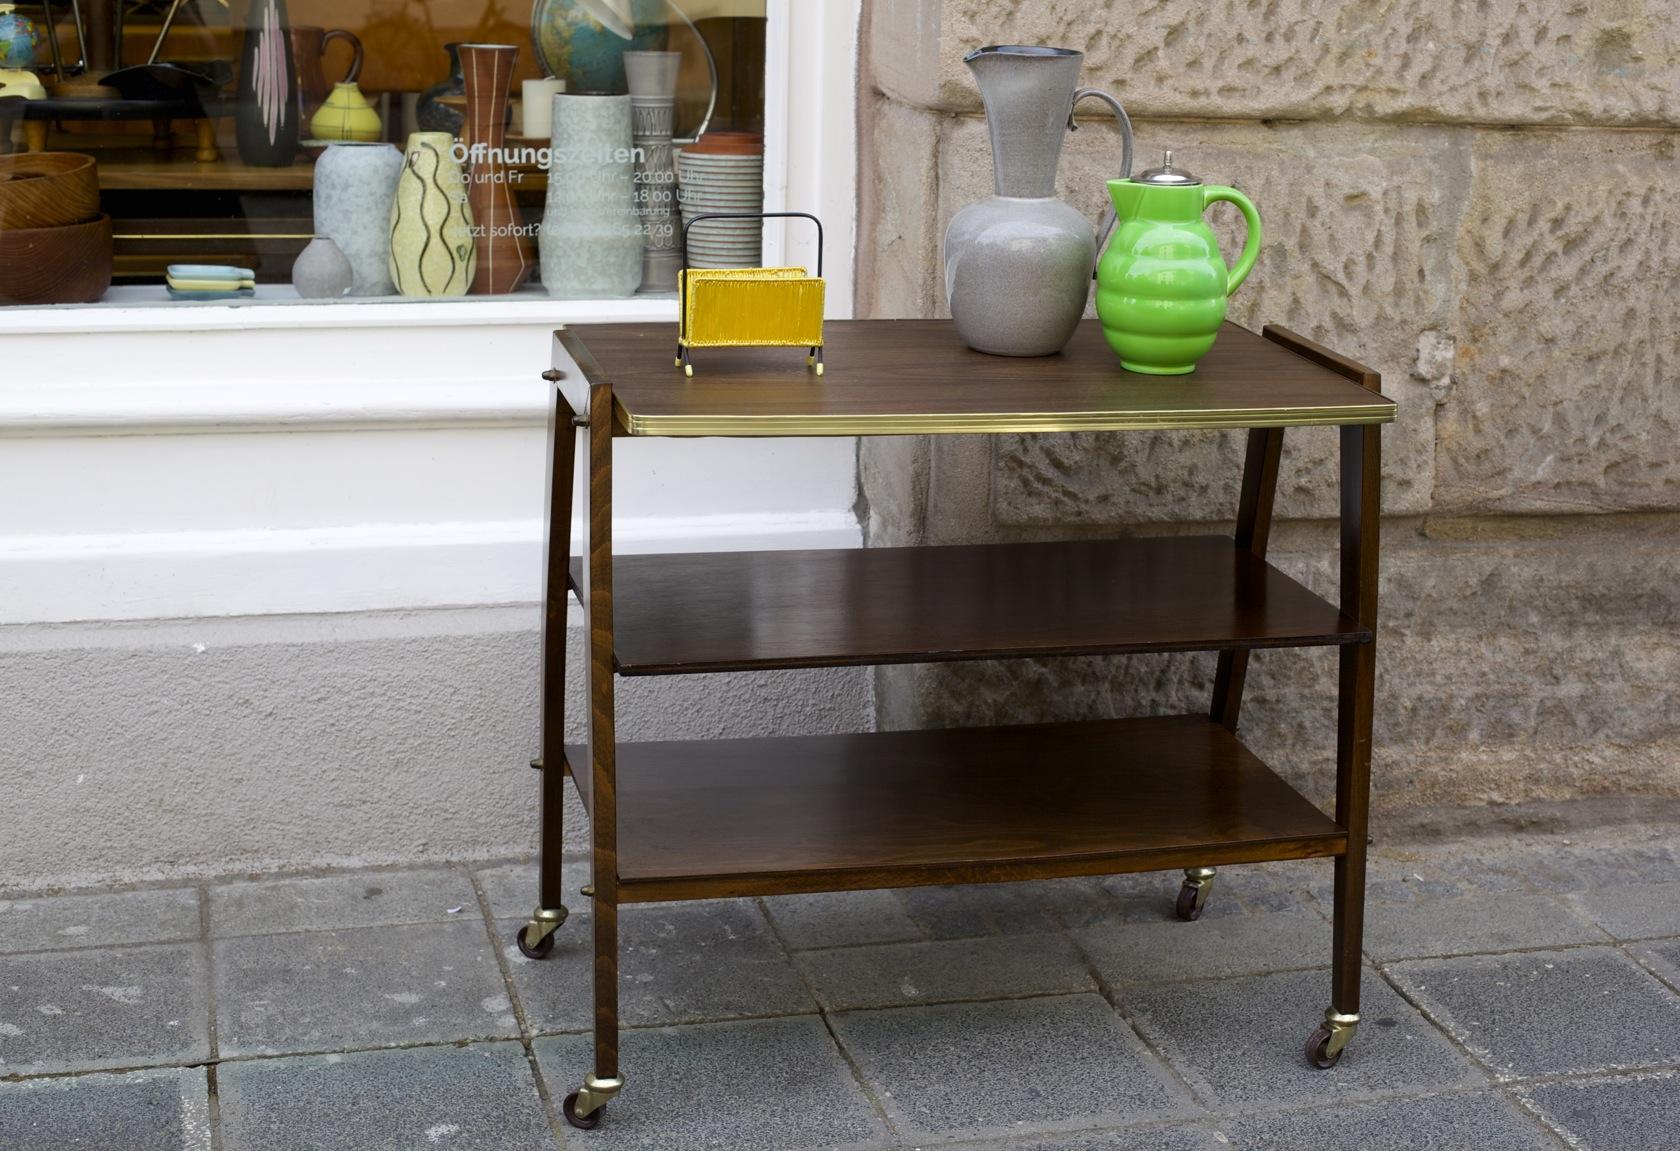 gro er servierwagen 50er jahre raumwunder vintage wohnen in n rnberg. Black Bedroom Furniture Sets. Home Design Ideas